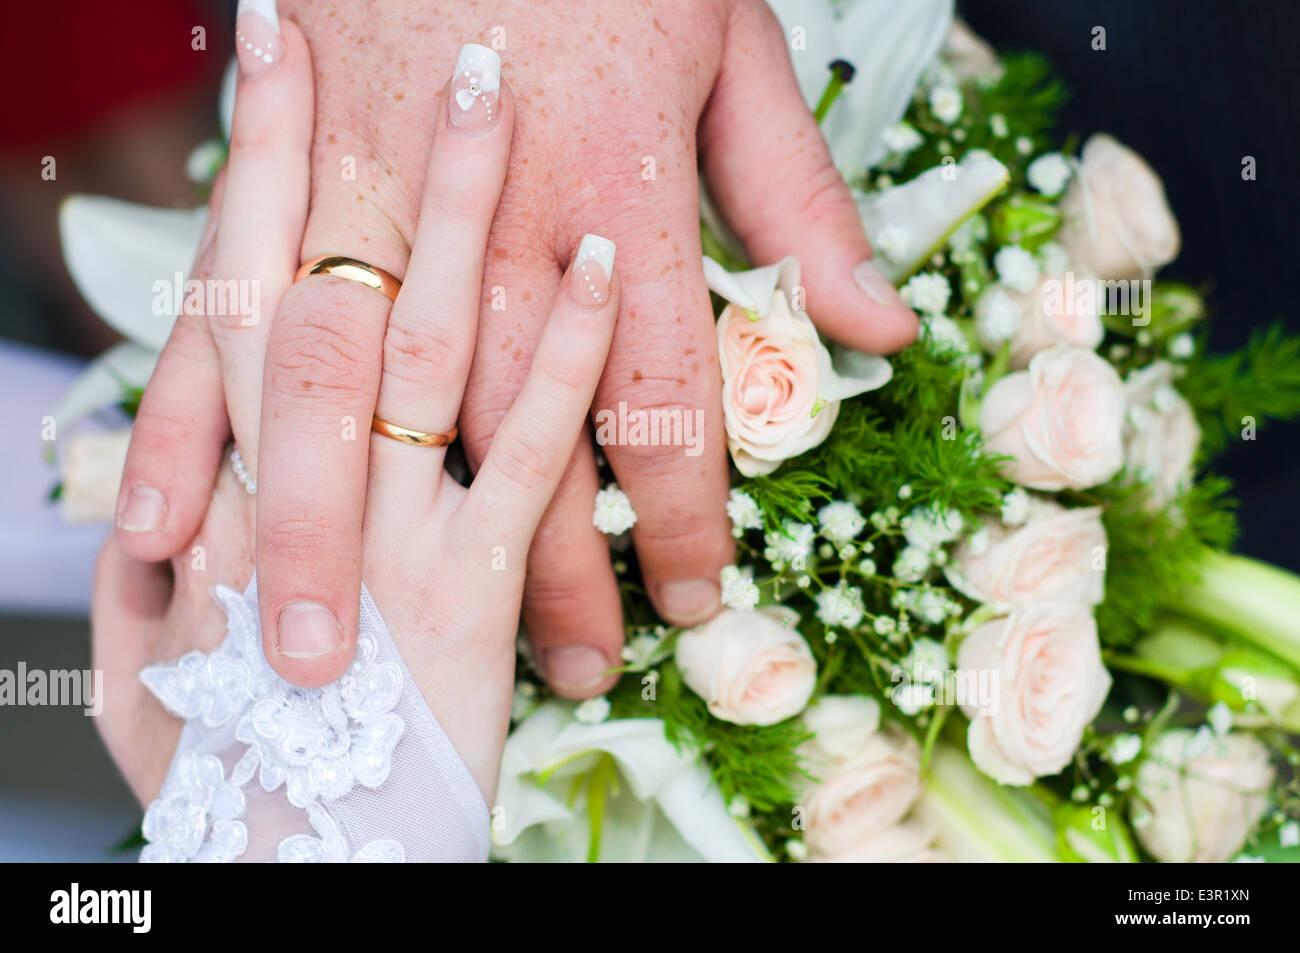 Trend expensive wedding rings: Does bride buy groom wedding ring